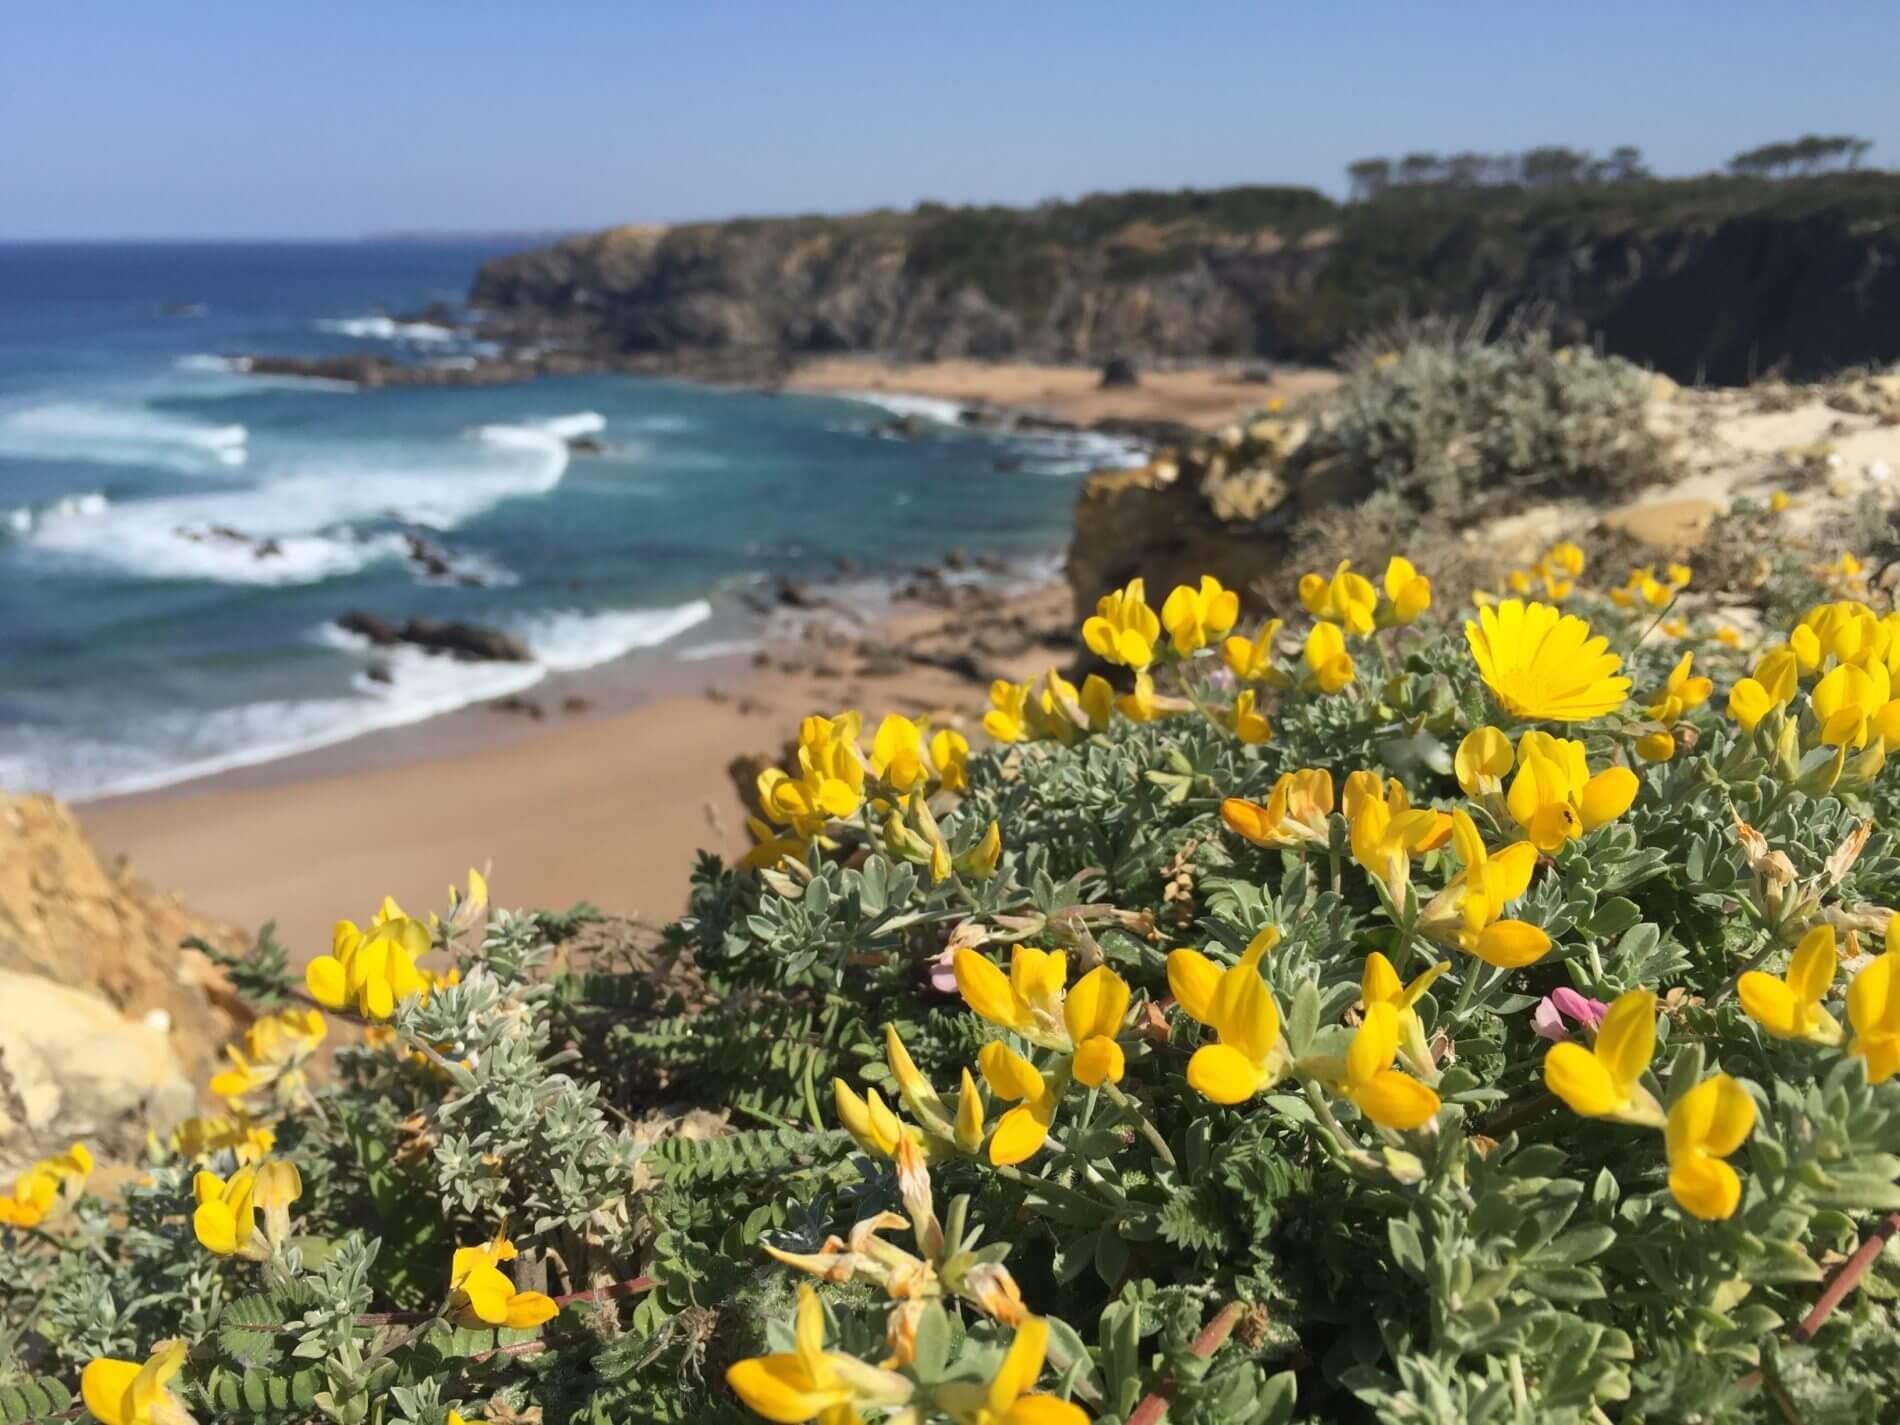 Rota Vicentina_Fishermen's Trail_gelbe Blumen und Steilküste